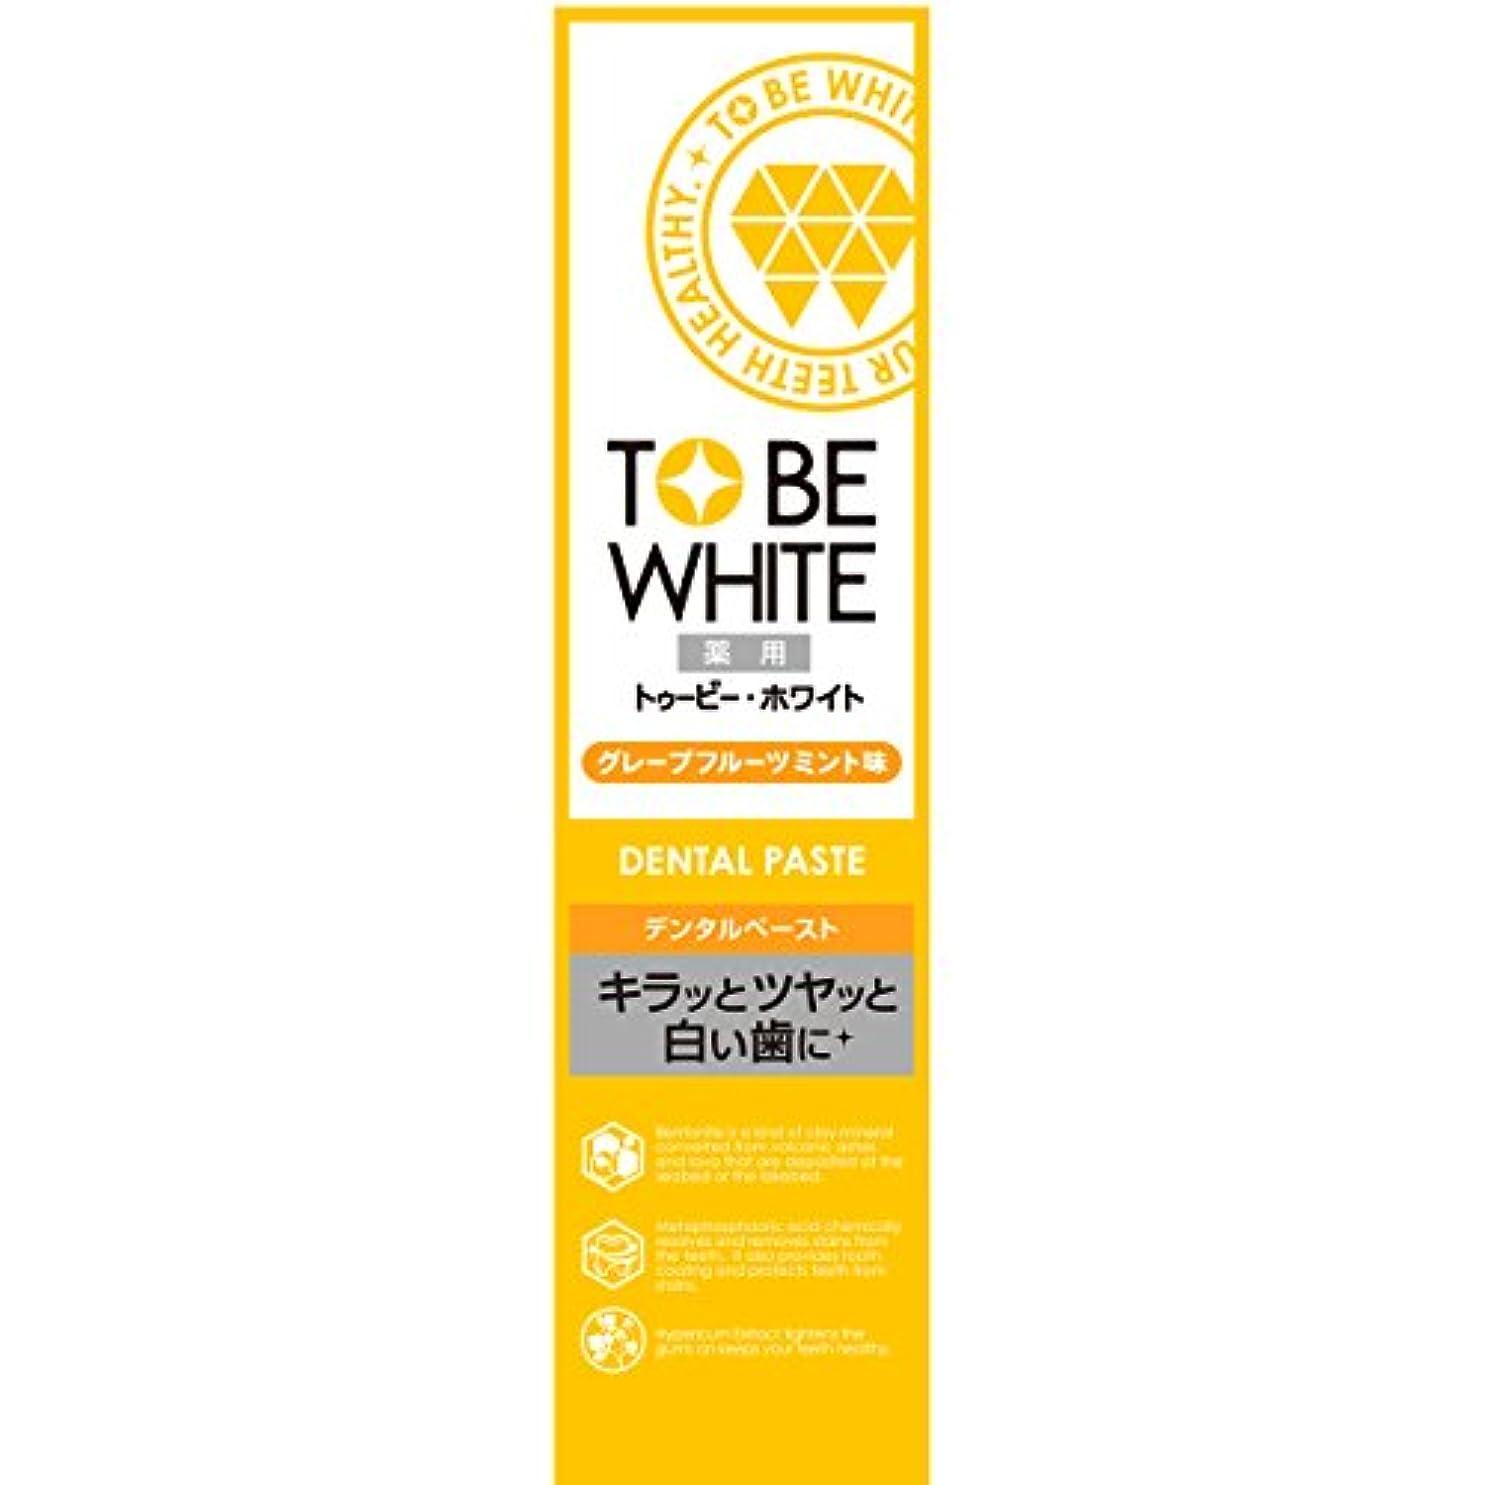 属する劣る許可トゥービー?ホワイト 薬用 ホワイトニング ハミガキ粉 グレープフルーツミント 味 60g 【医薬部外品】